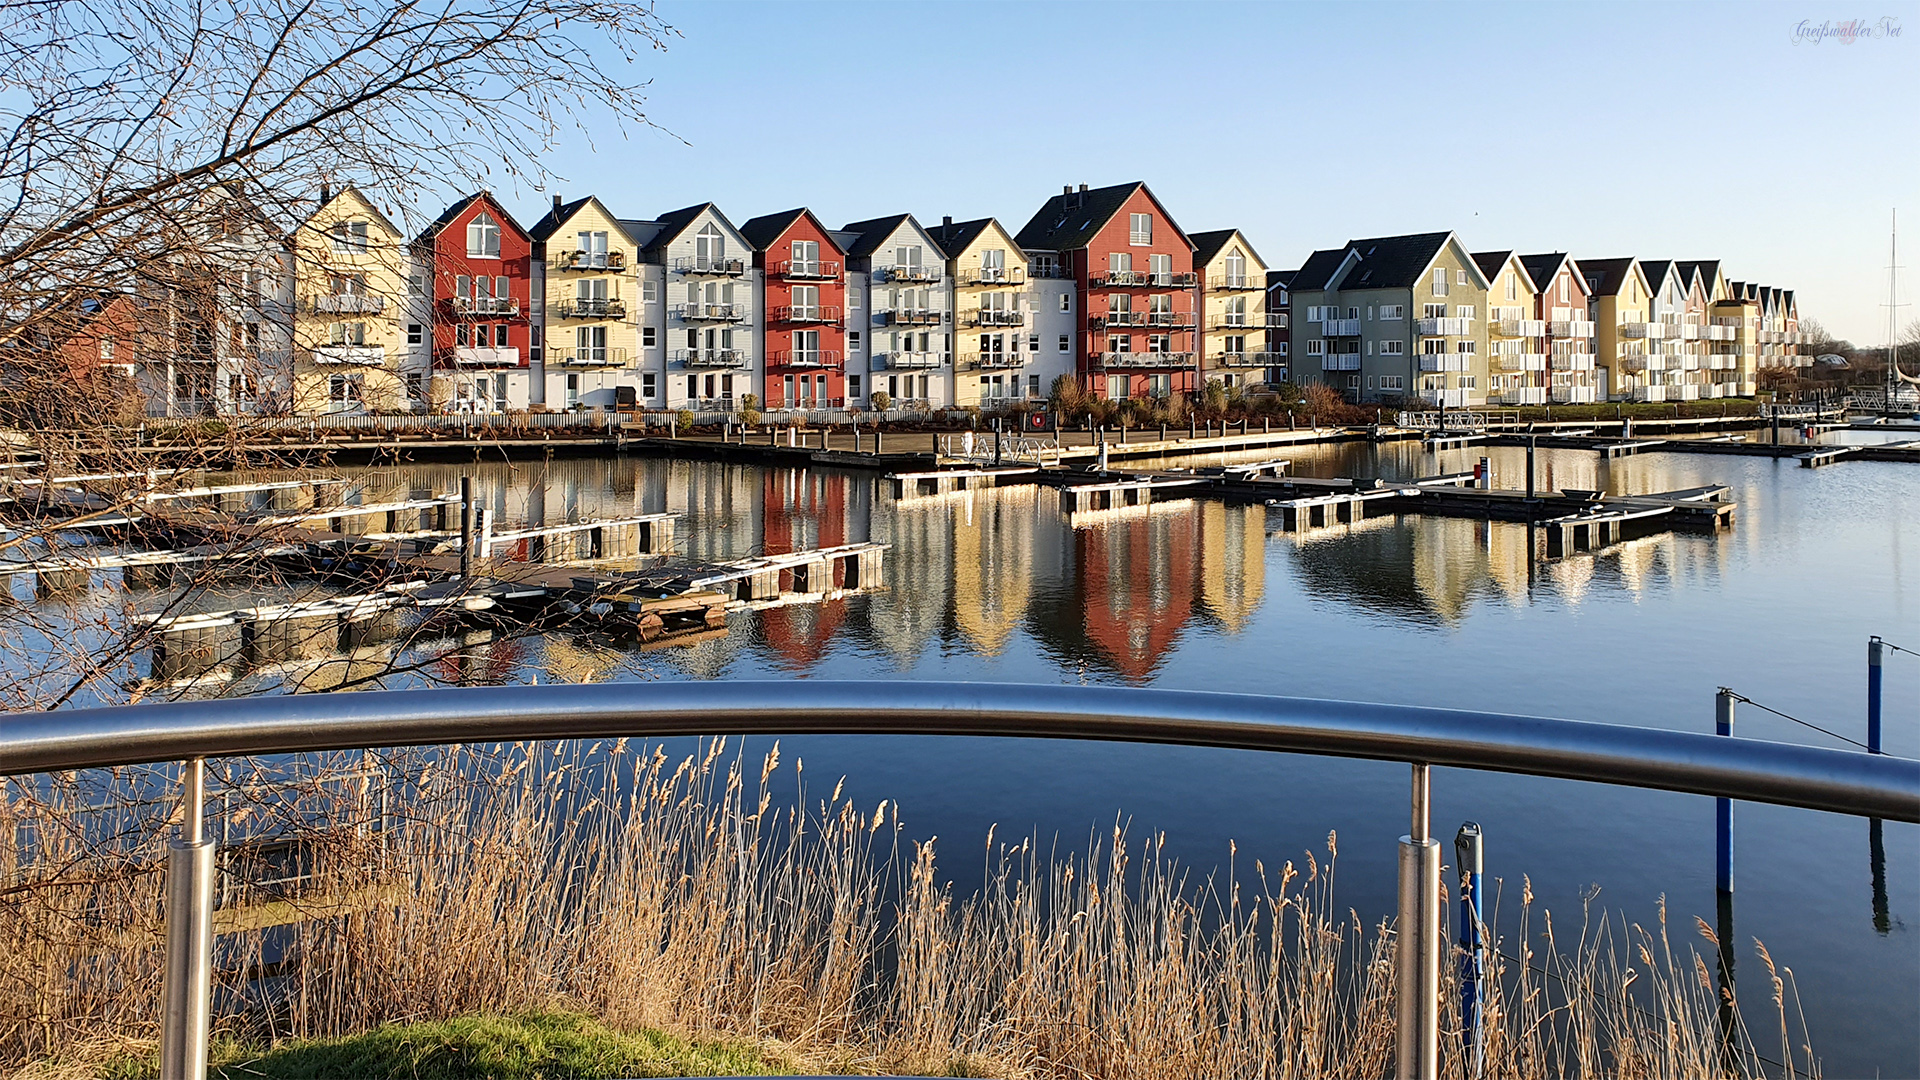 Marina am Holzteich in Greifswald